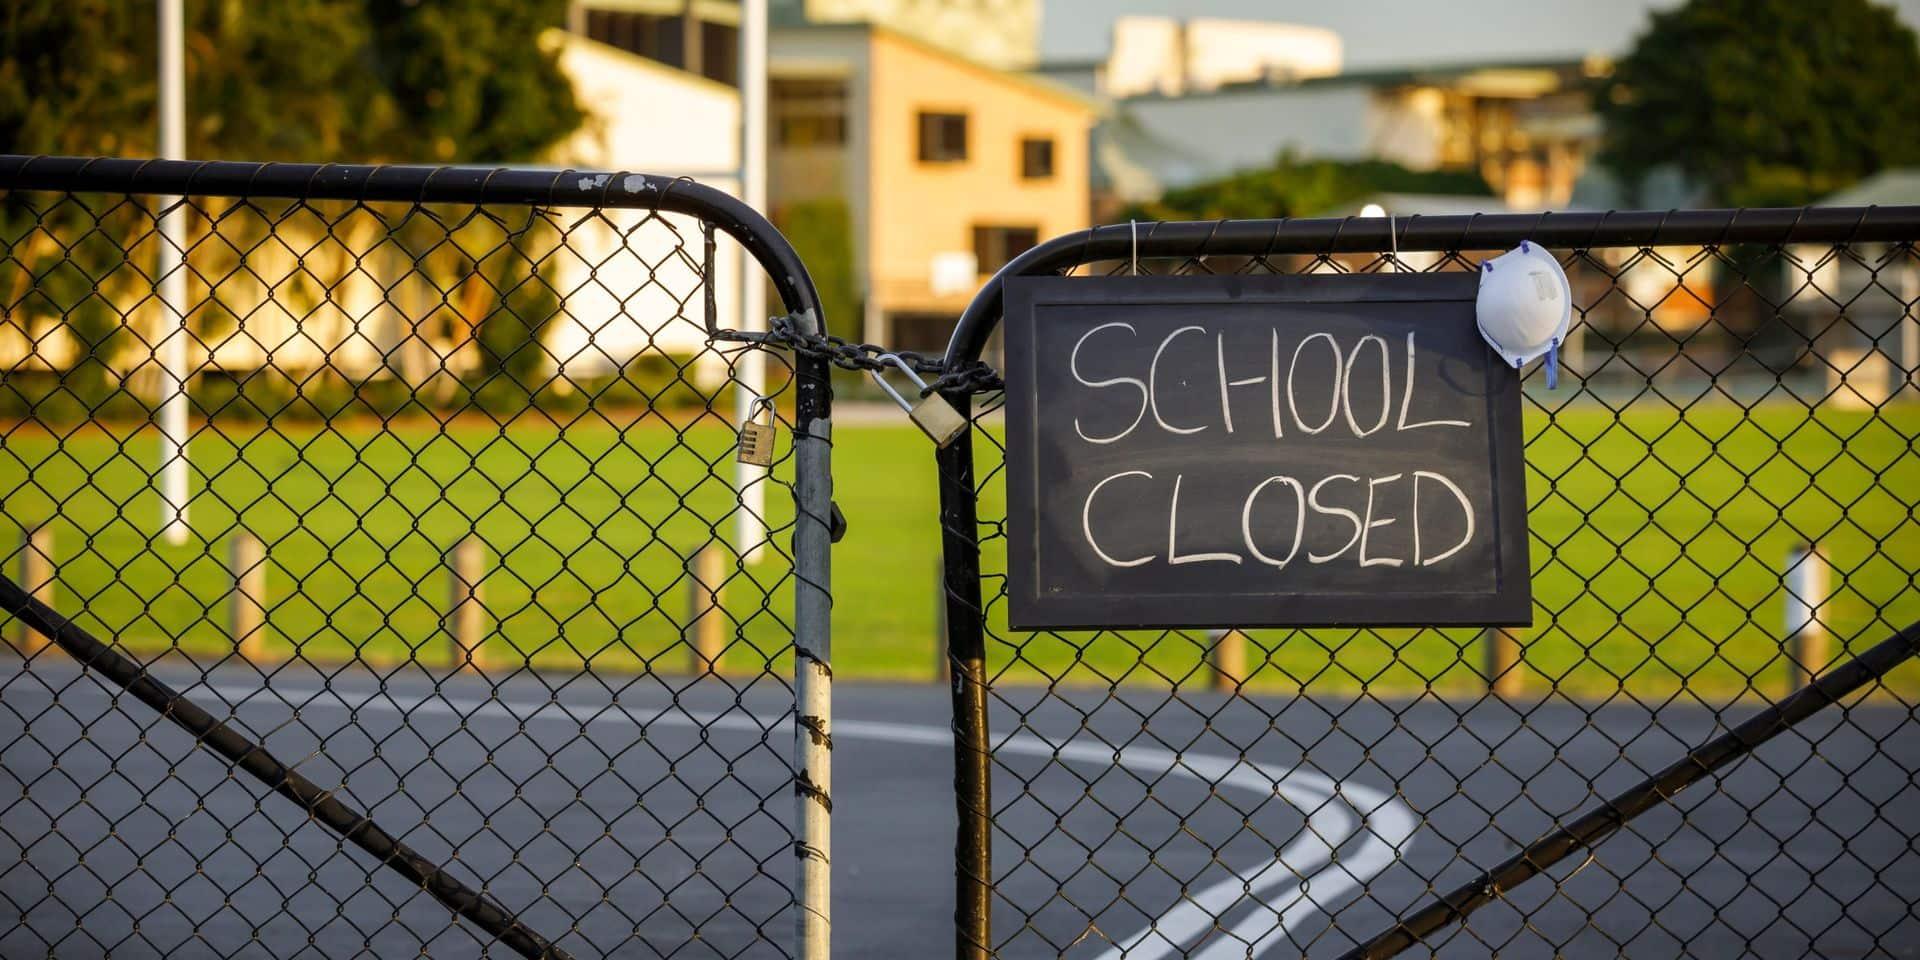 Ces pays européens qui ont décidé de fermer leurs écoles pour lutter contre la propagation du virus